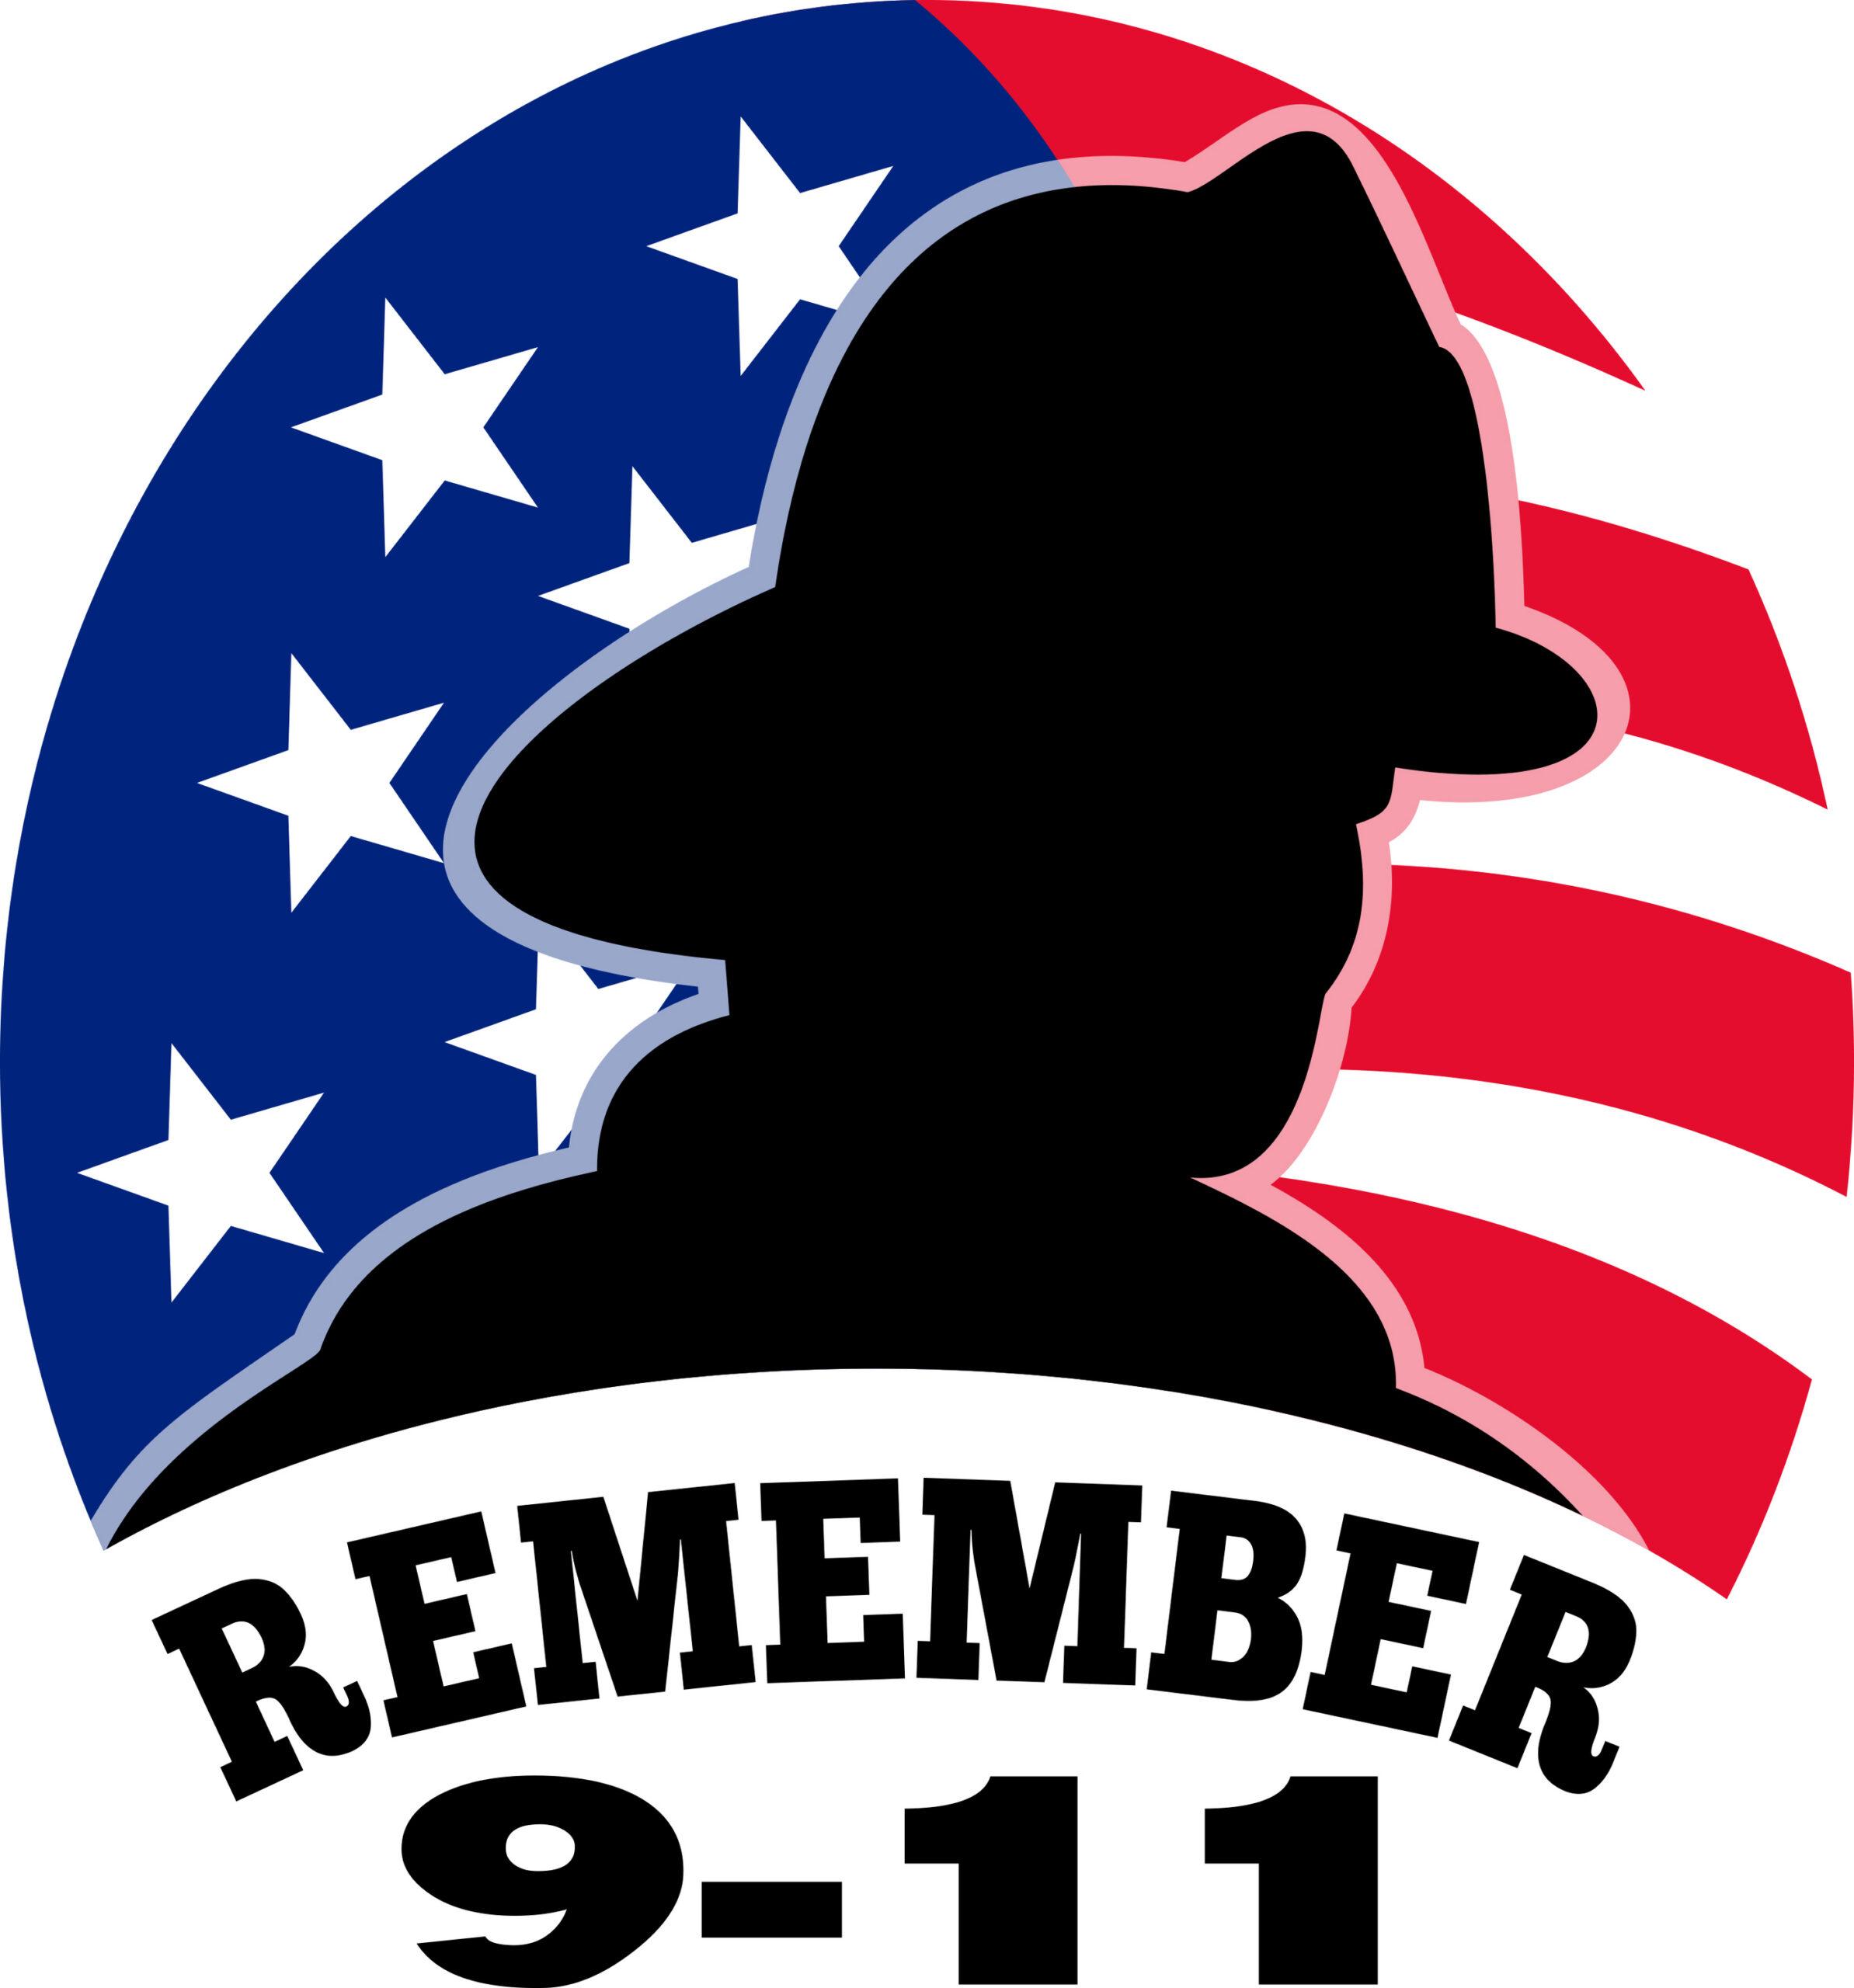 Después del 11 de septiembre encuentran alivio al ayudar a otros